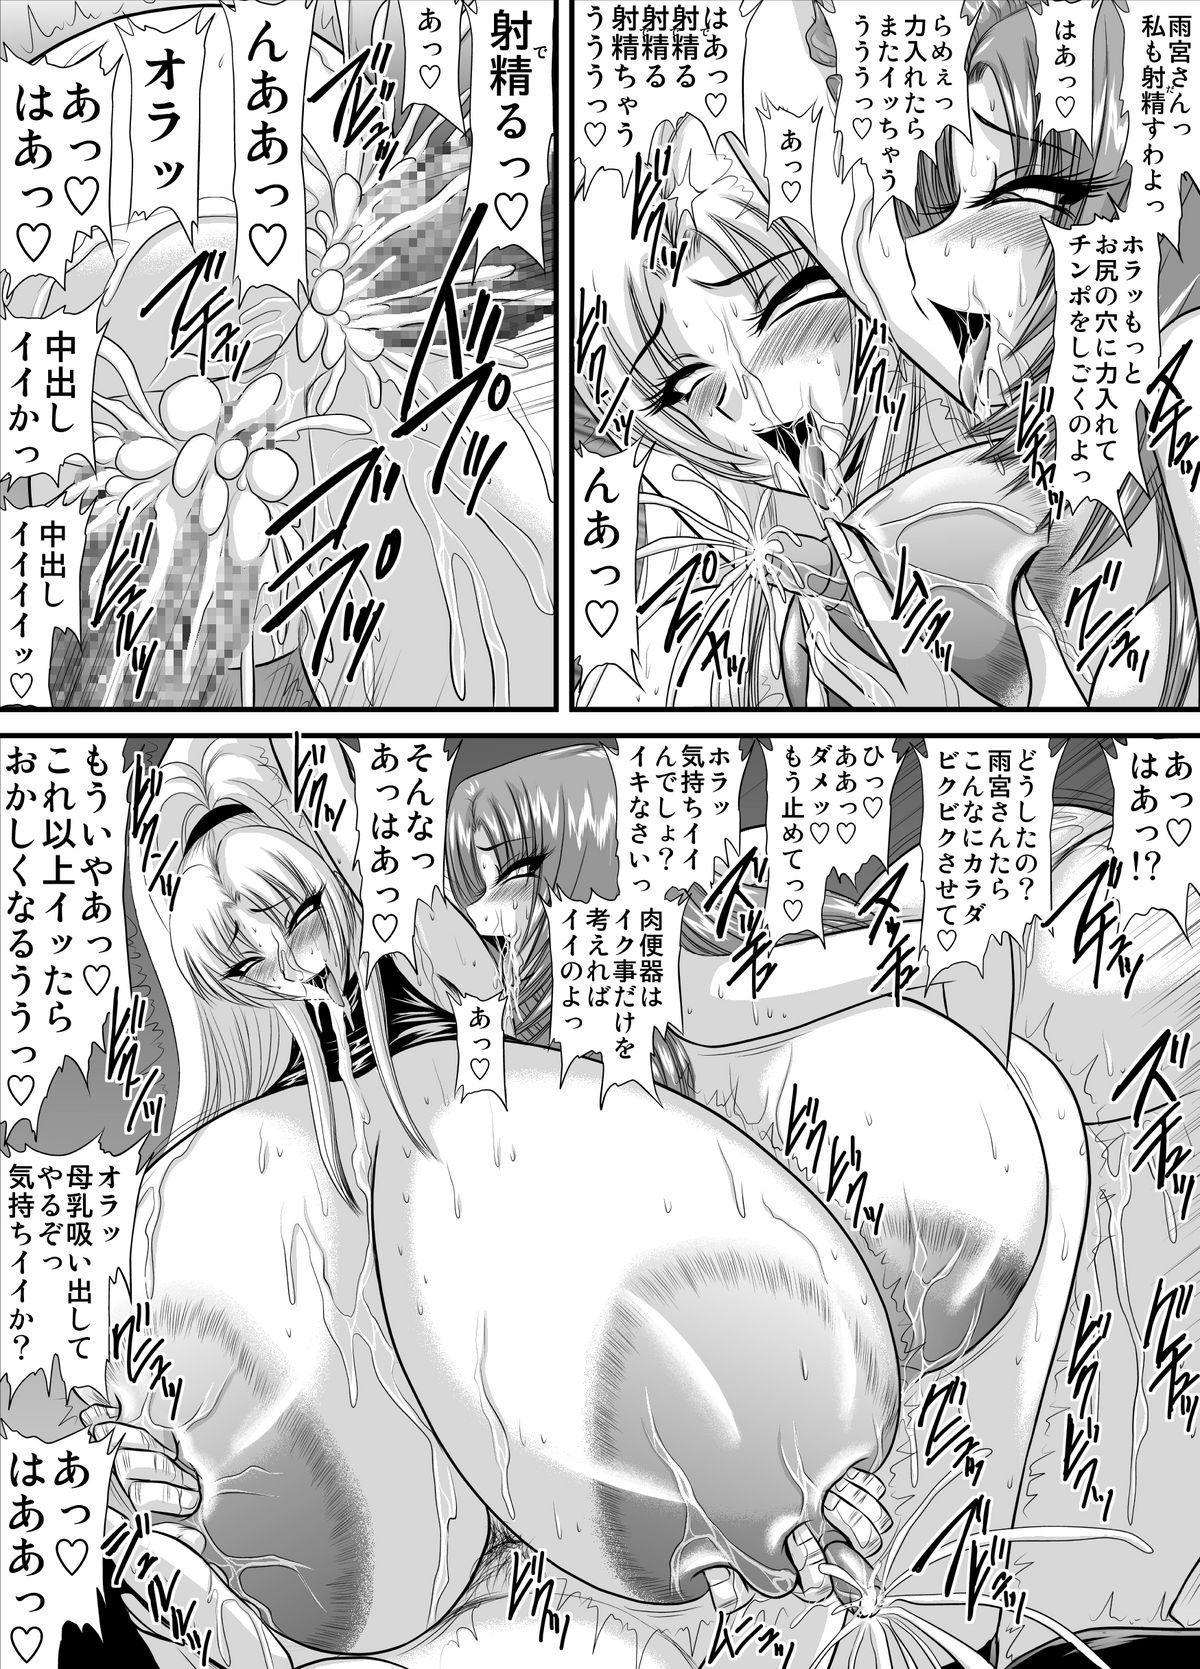 Keiyaku Sei Dorei Bakunyuu Kyoushi Sayaka 12 5